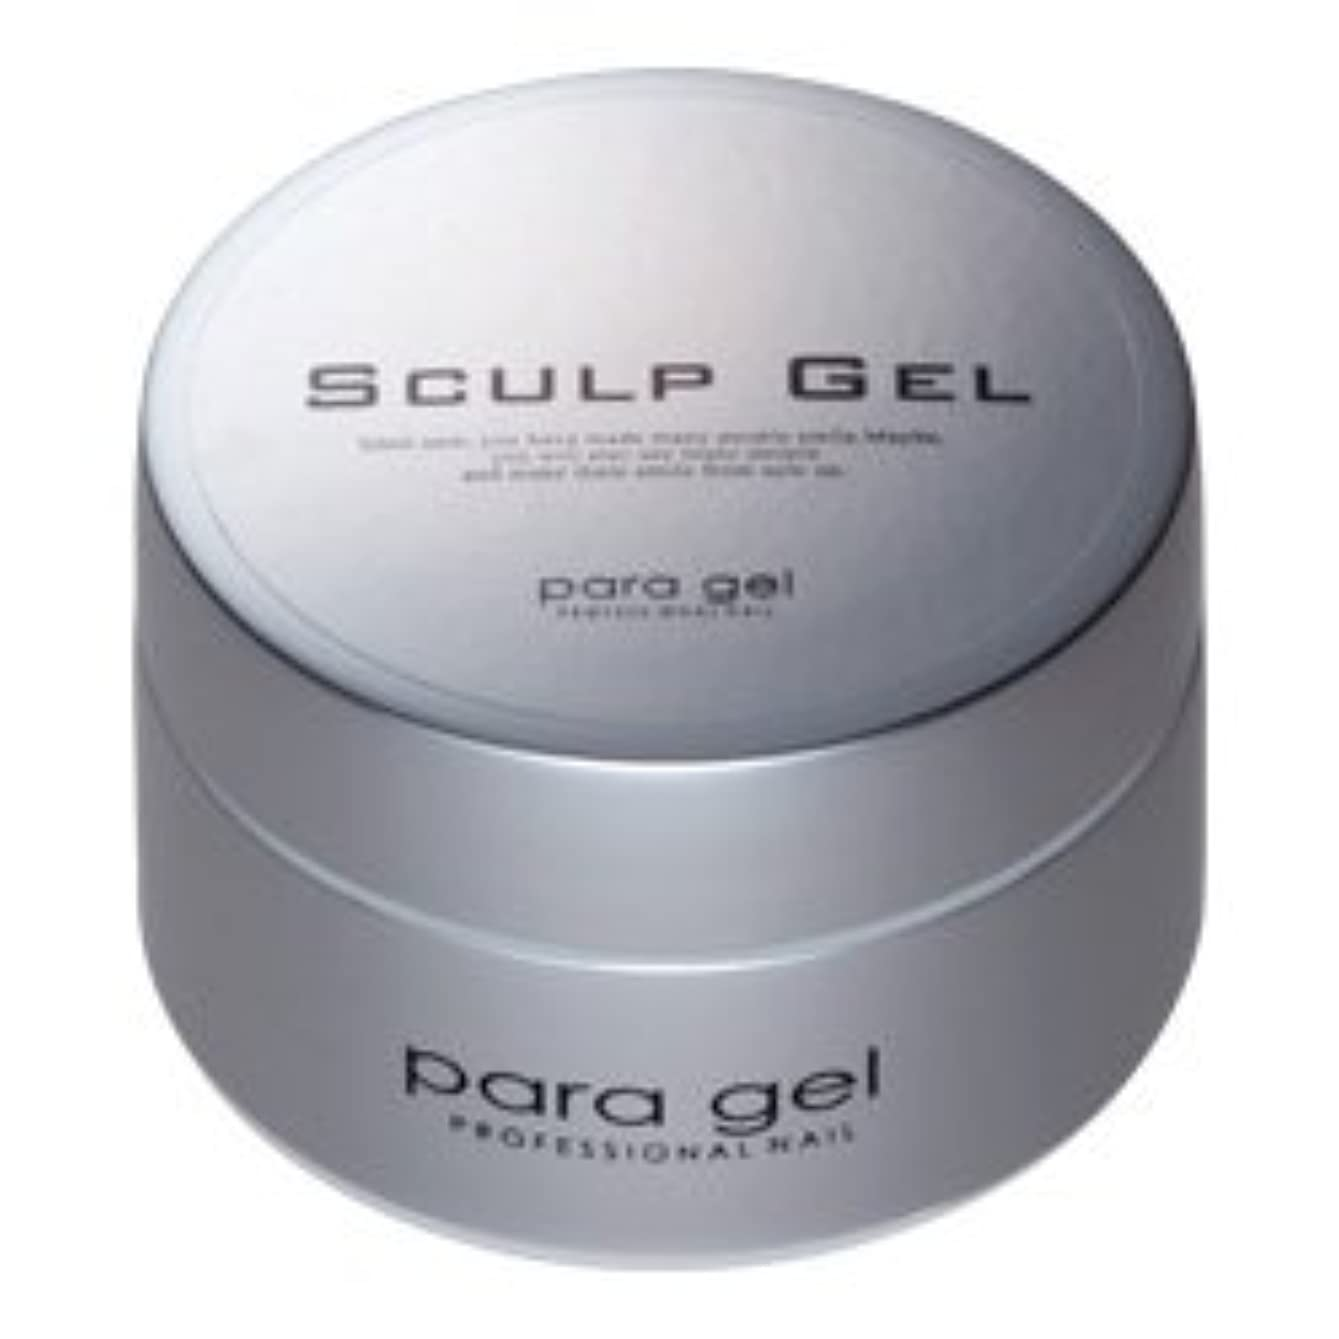 カロリー収まる腐食する★para gel(パラジェル) <BR>スカルプジェル 10g